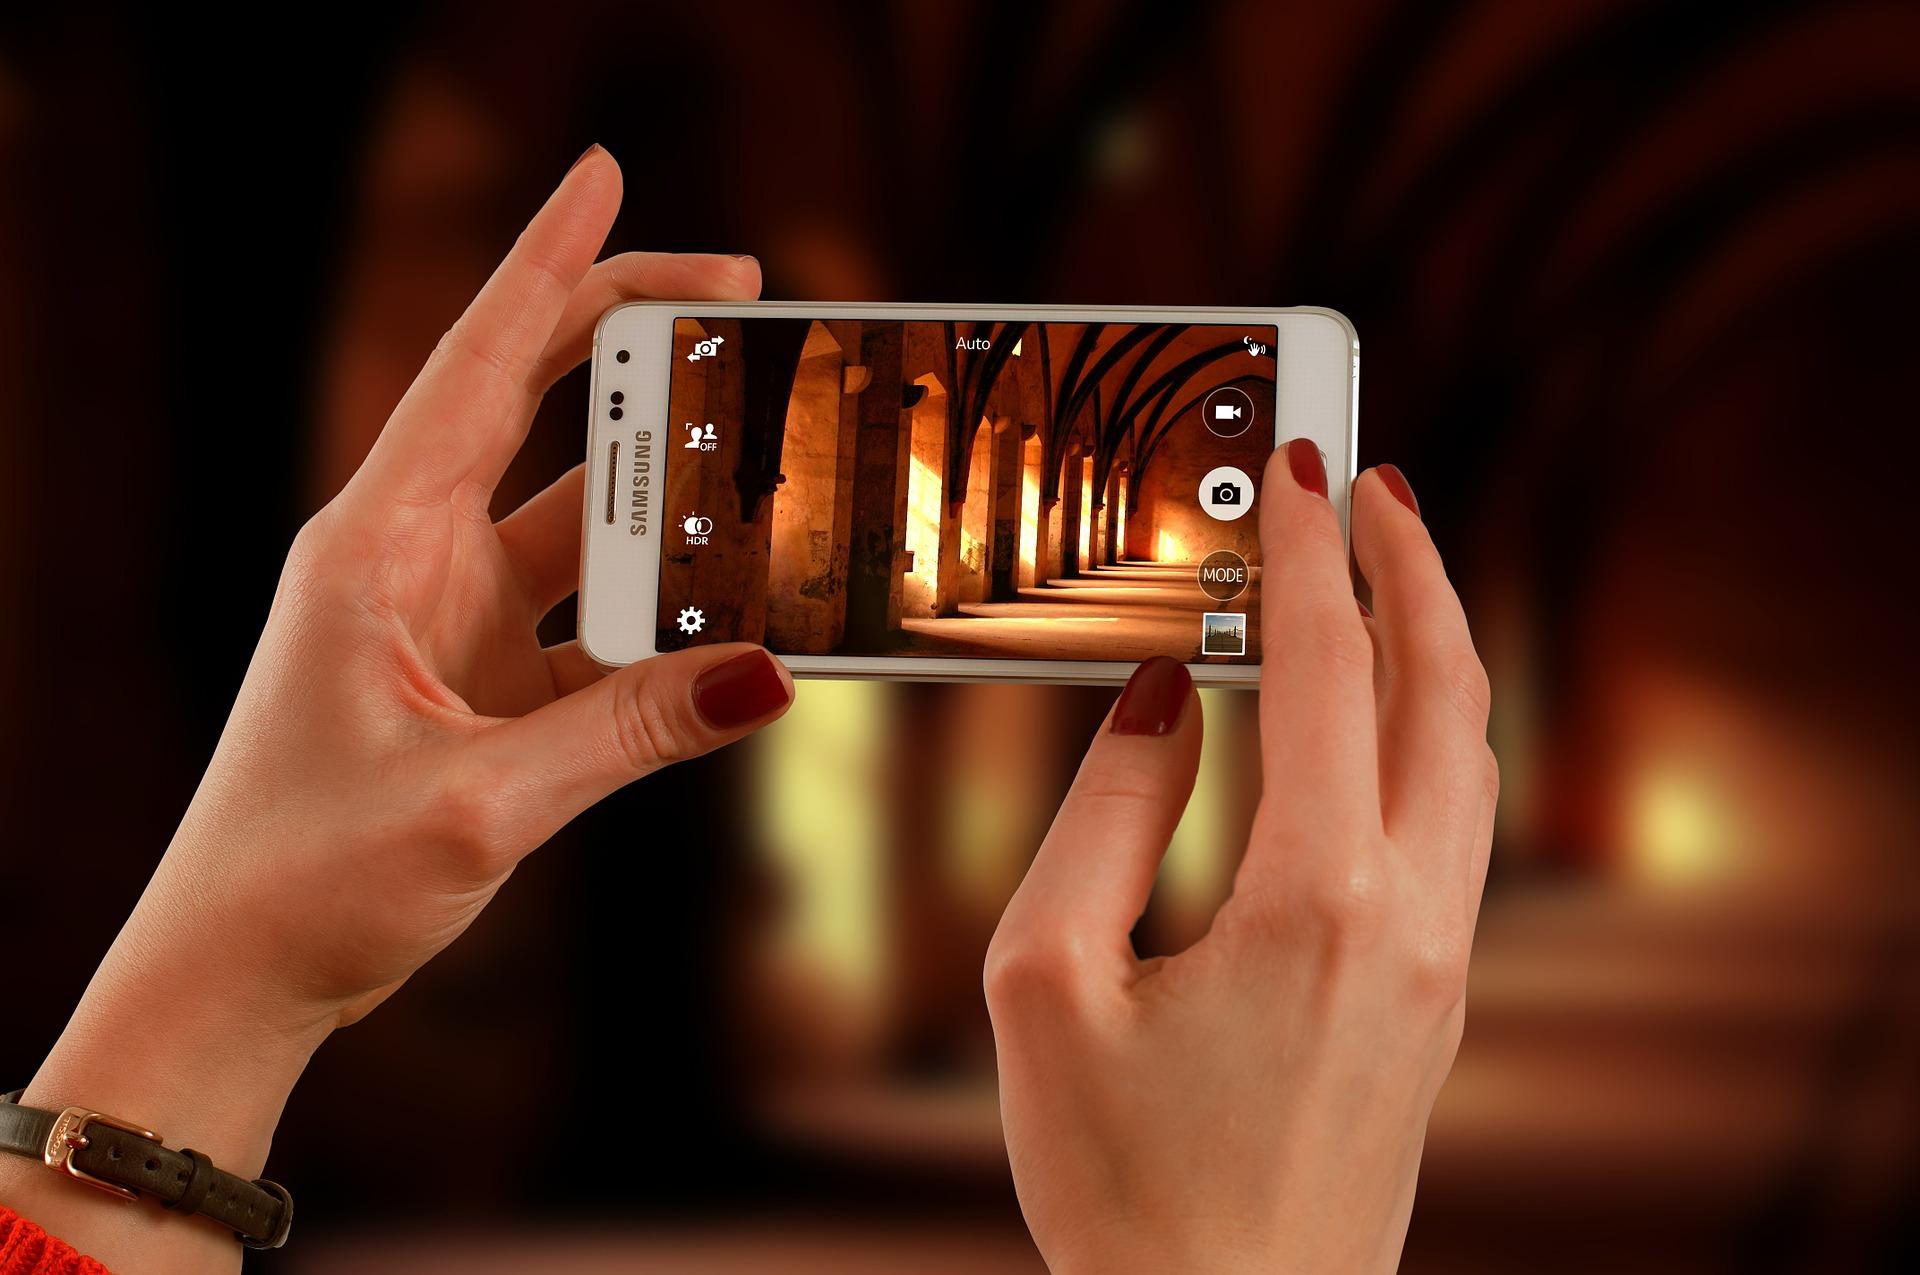 Prêt à commencer votre voyage? - prendre une photo avec smartphone